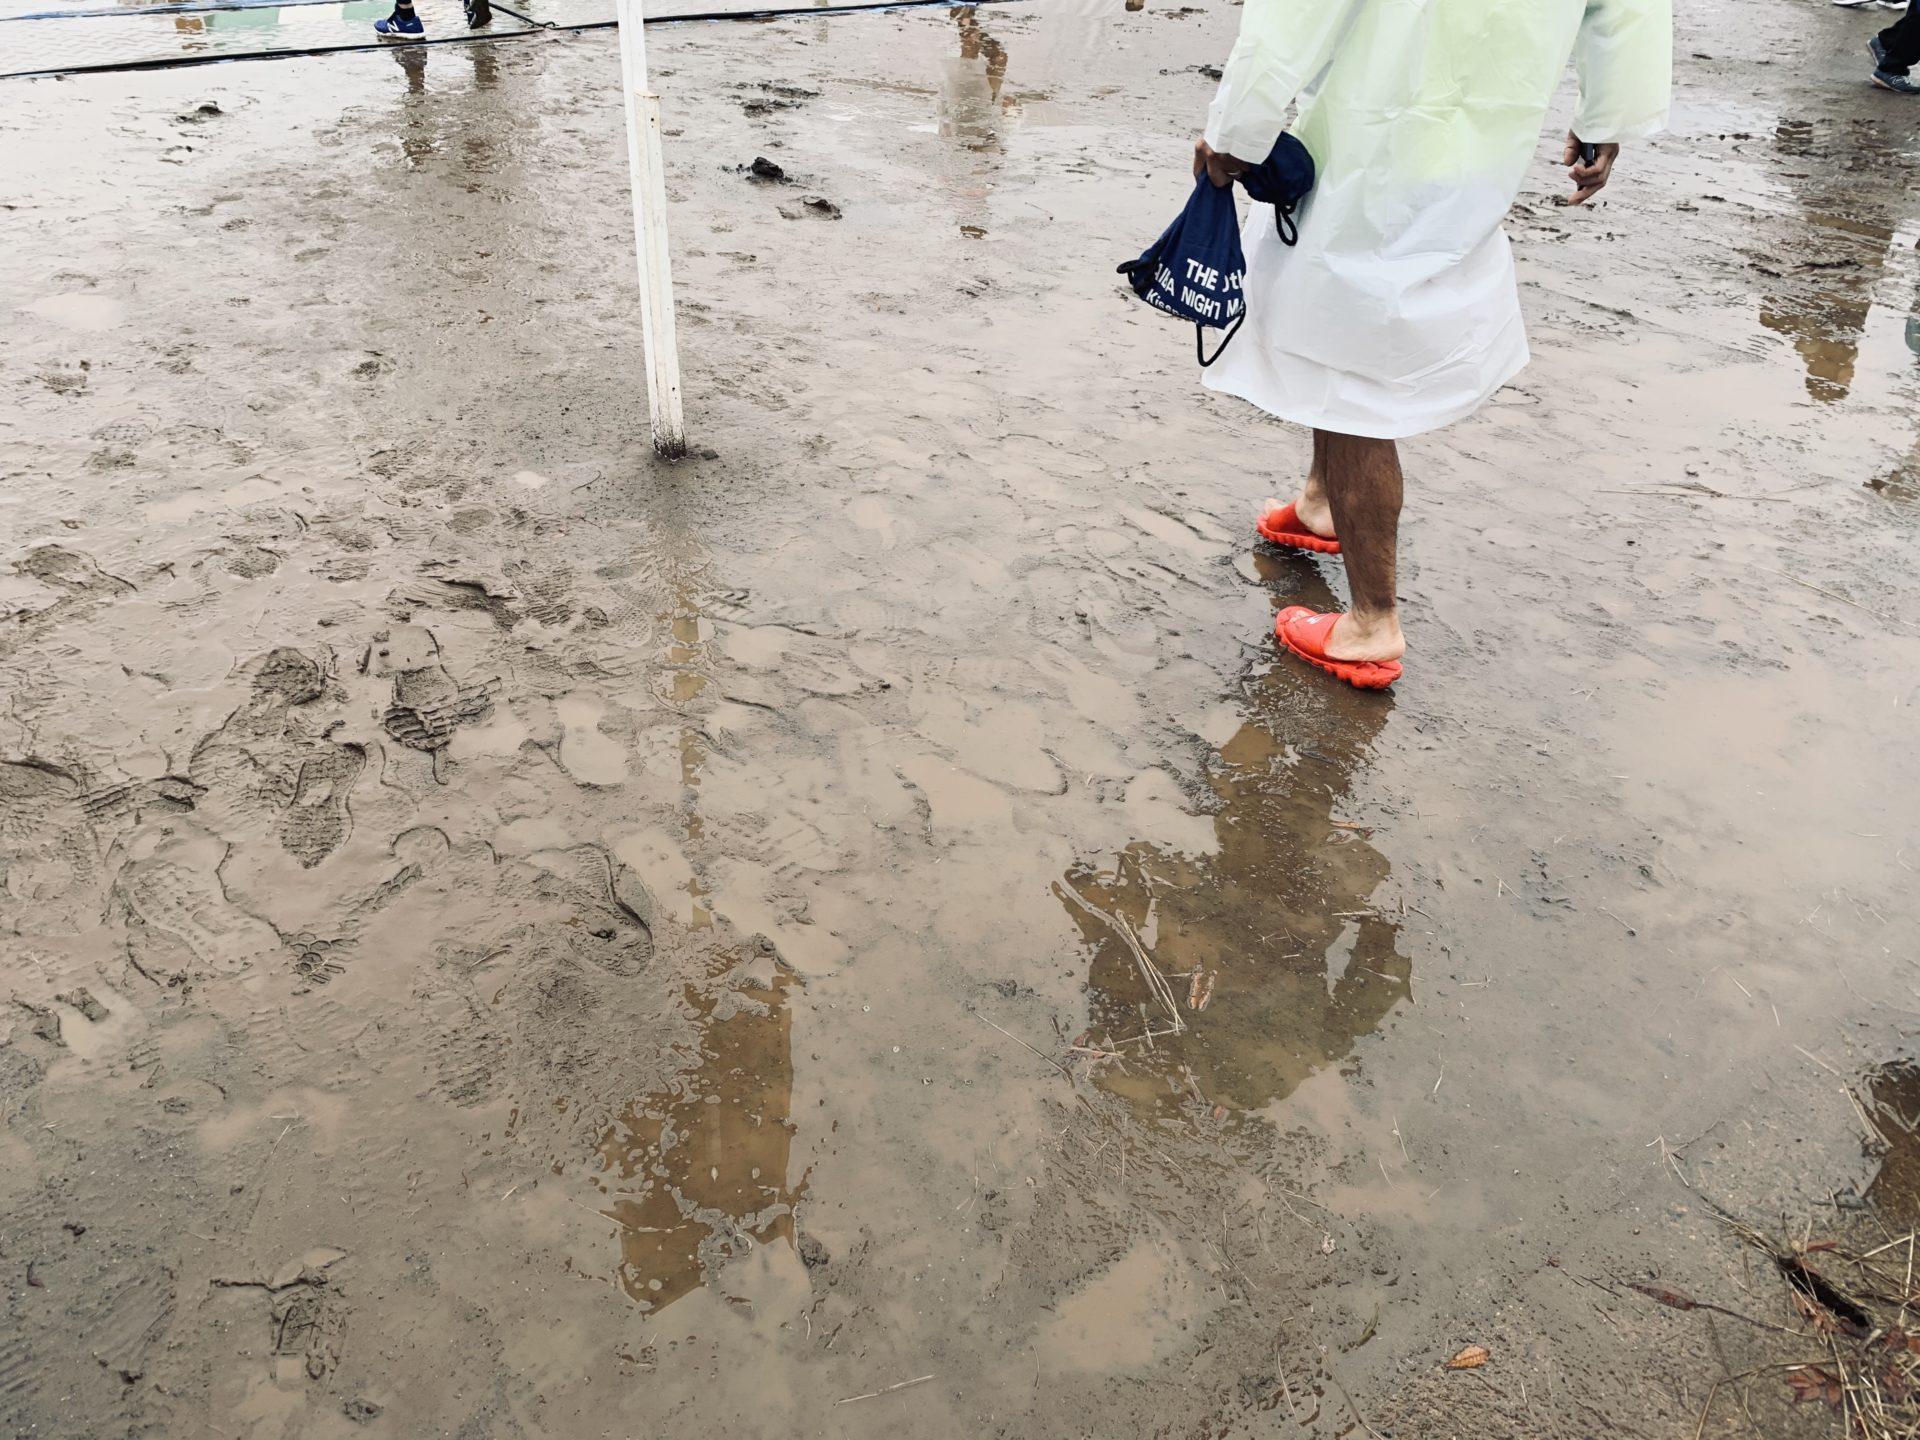 つくばマラソンの会場が泥沼化